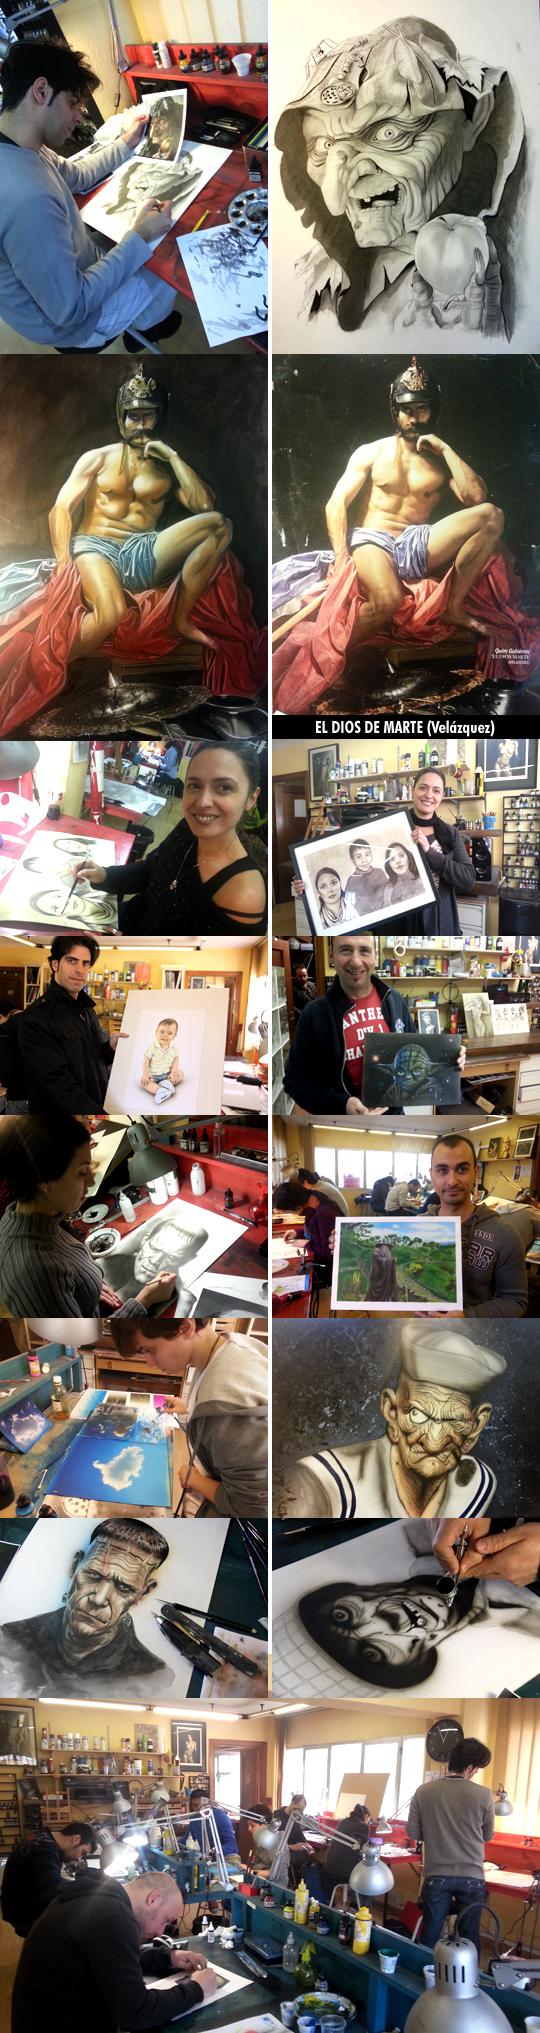 Trabajos-1-alumnos-cursos-aerografia-ilustracion-comic-academia-c10-madrid-verano-acrilicos-dibujo